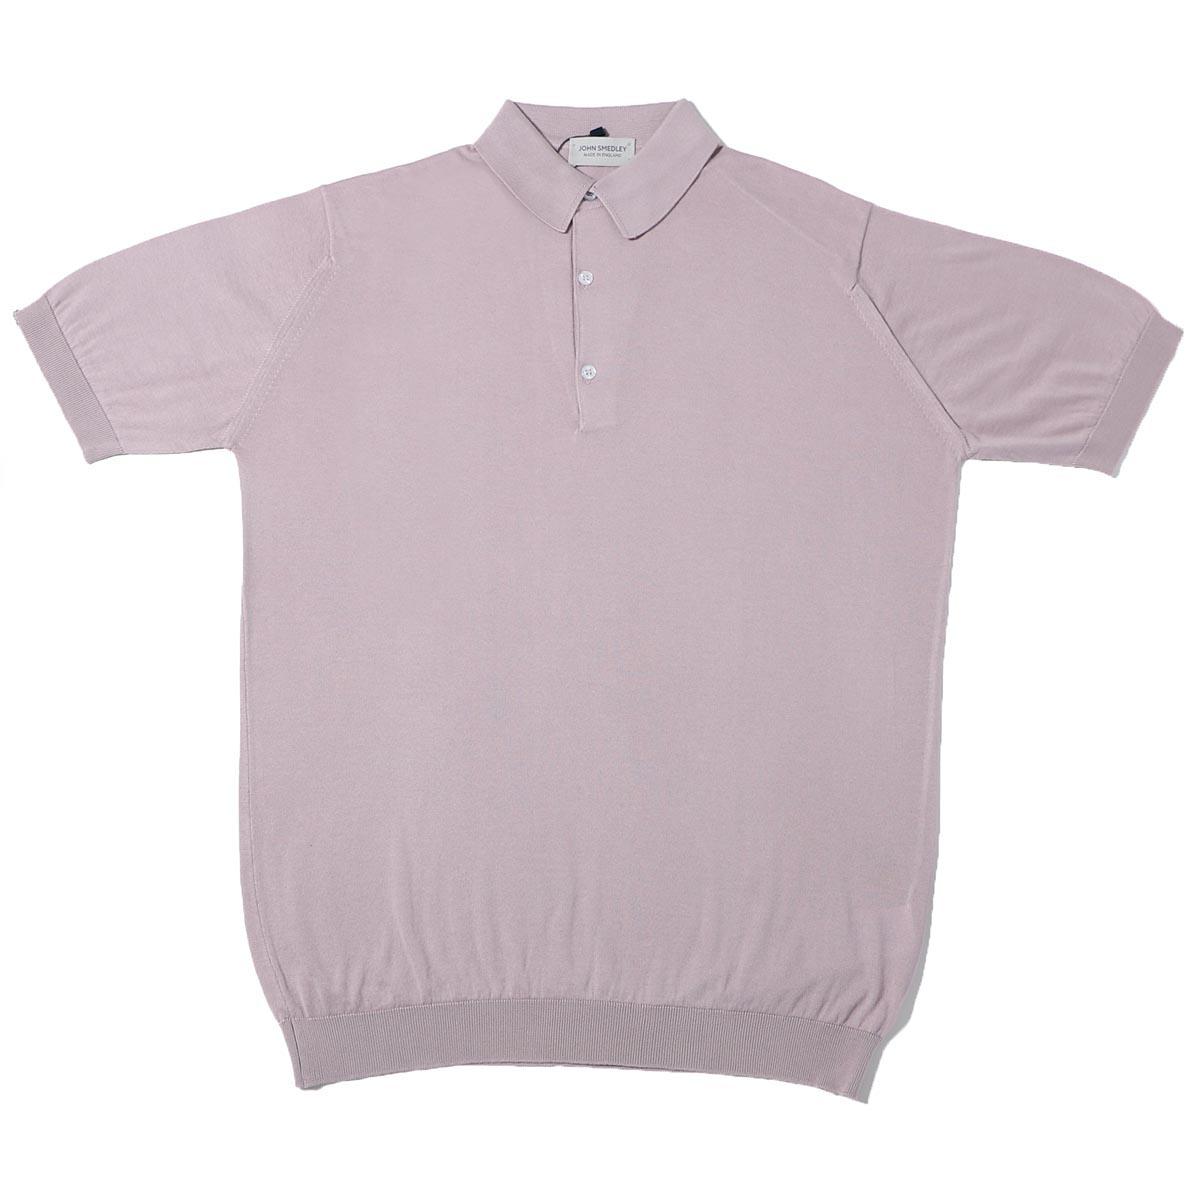 【訳あり】【Bランク】【アウトレット】ジョンスメドレー JOHN SMEDLEY ポロシャツ ピンク メンズ adrian pinkdawn ADRIAN エイドリアン 30ゲージ【あす楽対応_関東】【返品交換不可】